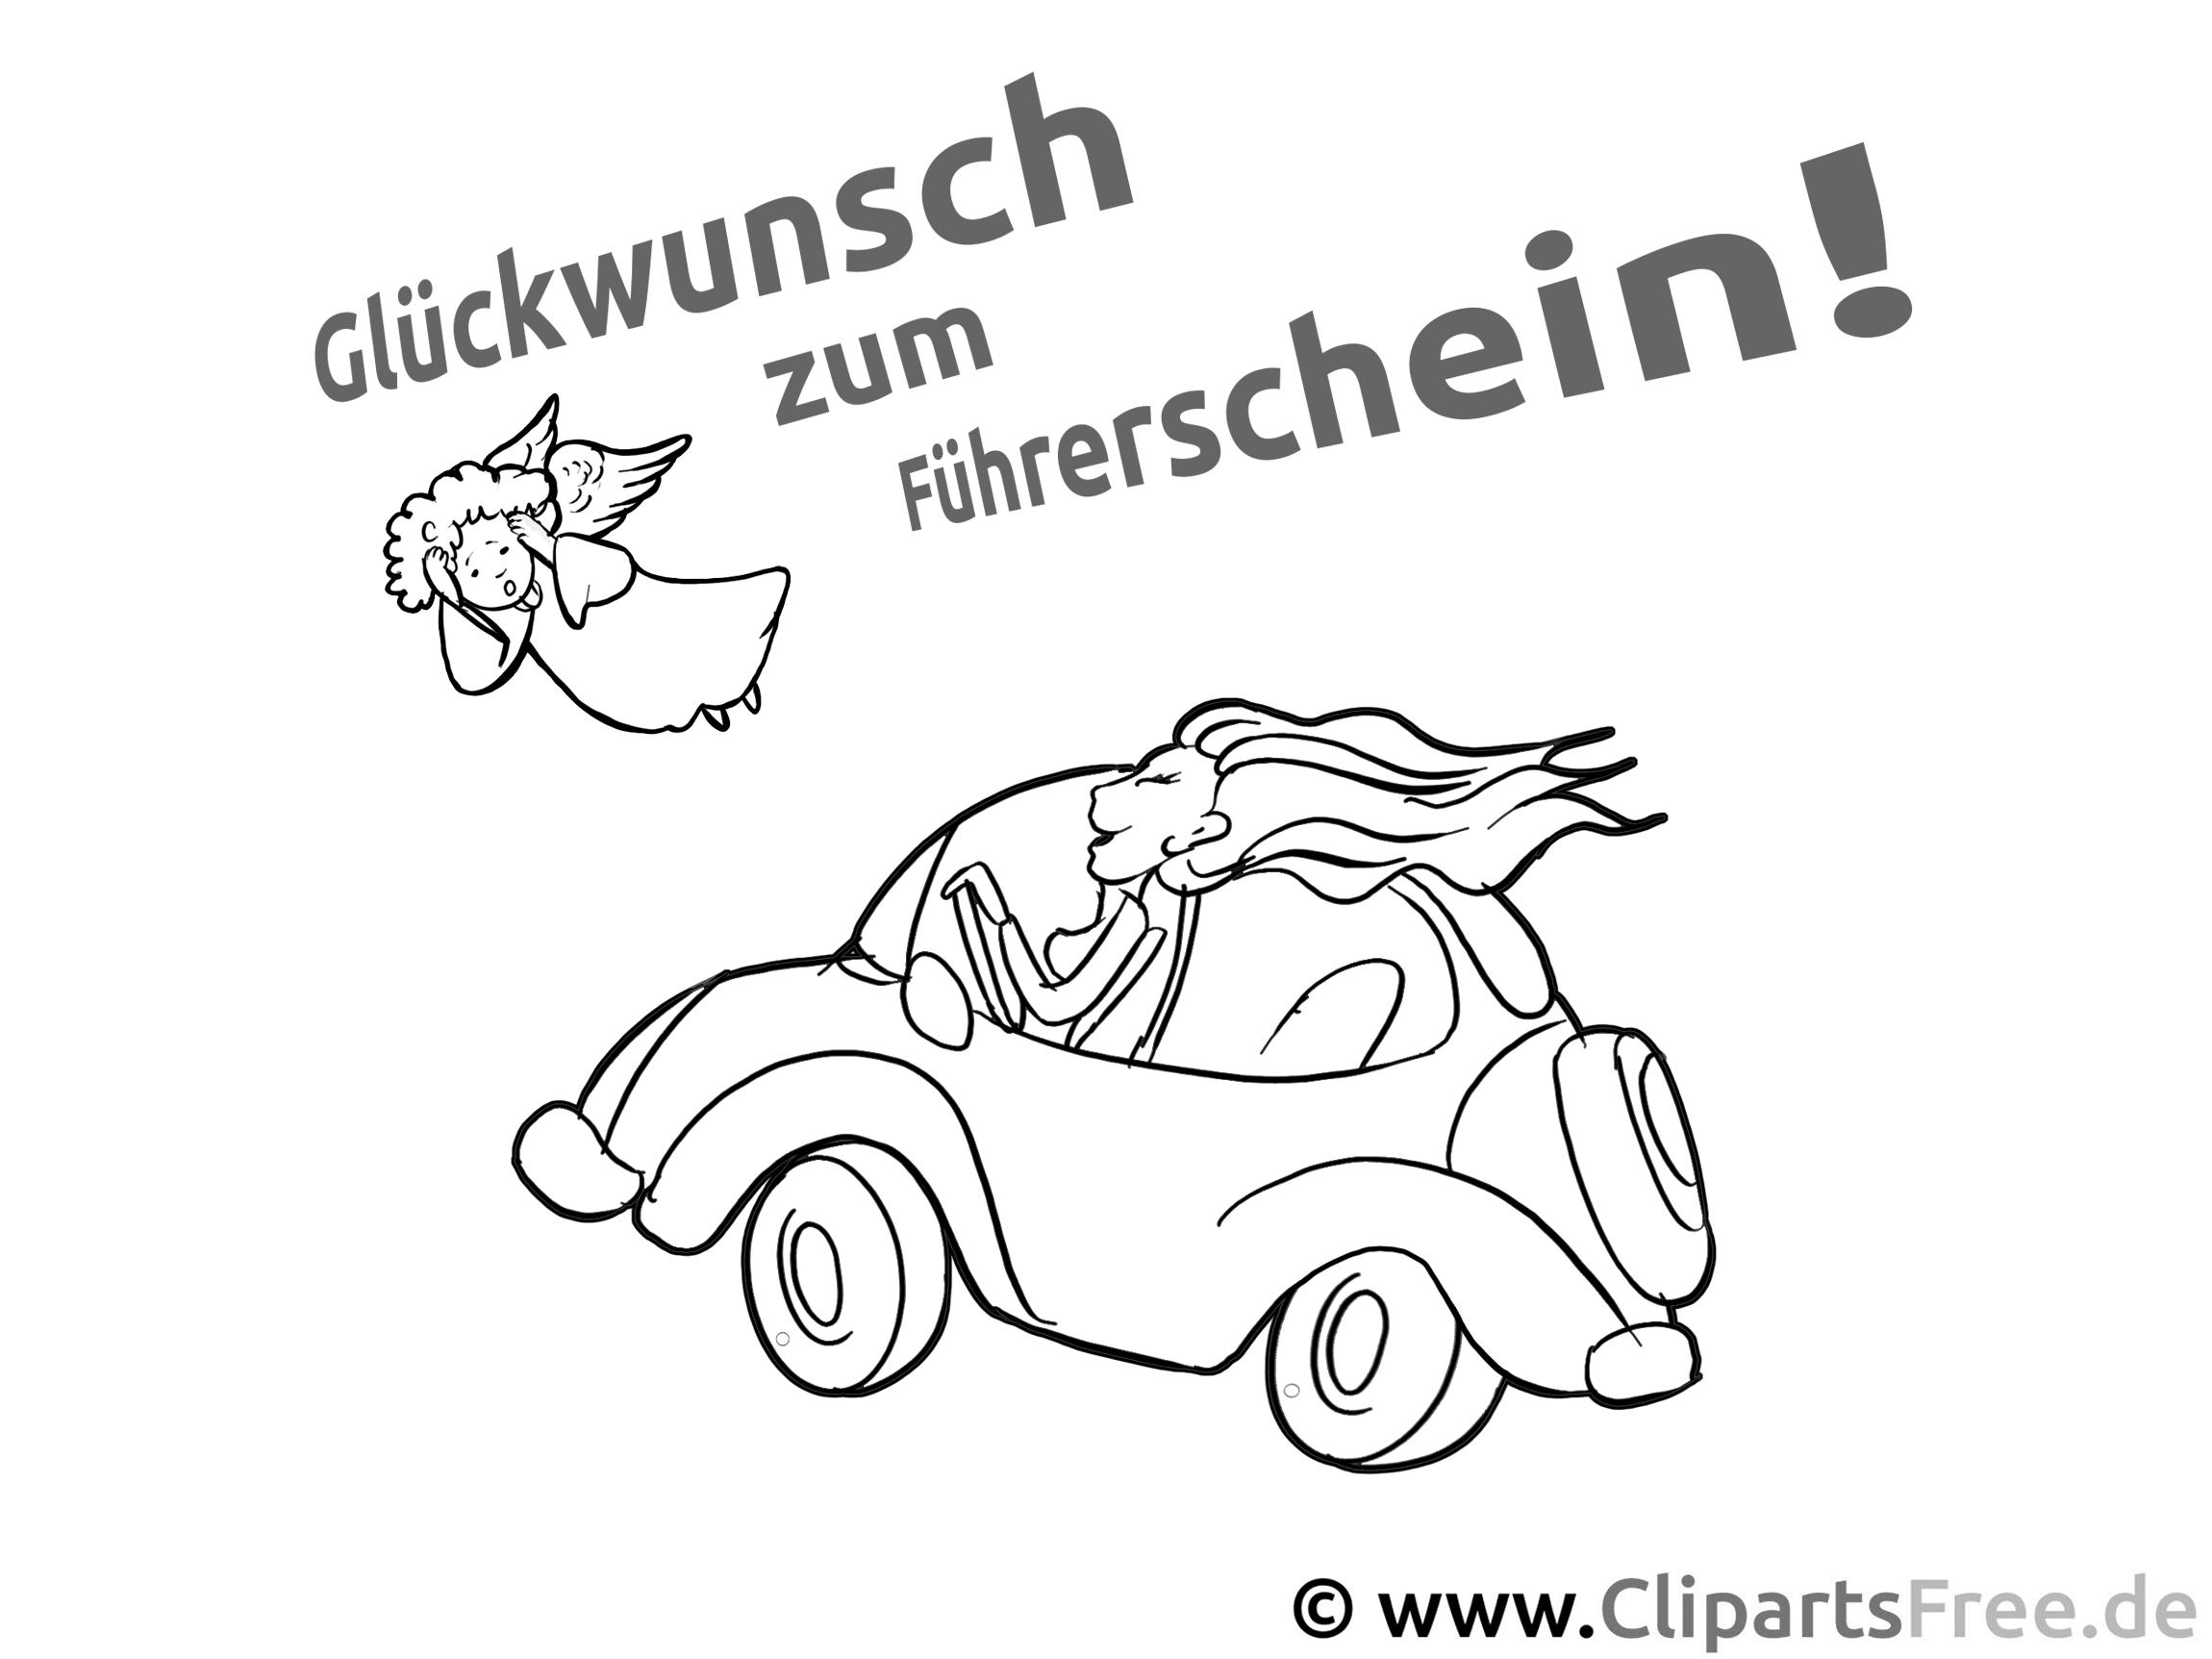 Glückwunsch zum Führerschein - Wandschablone zum Ausdrucken